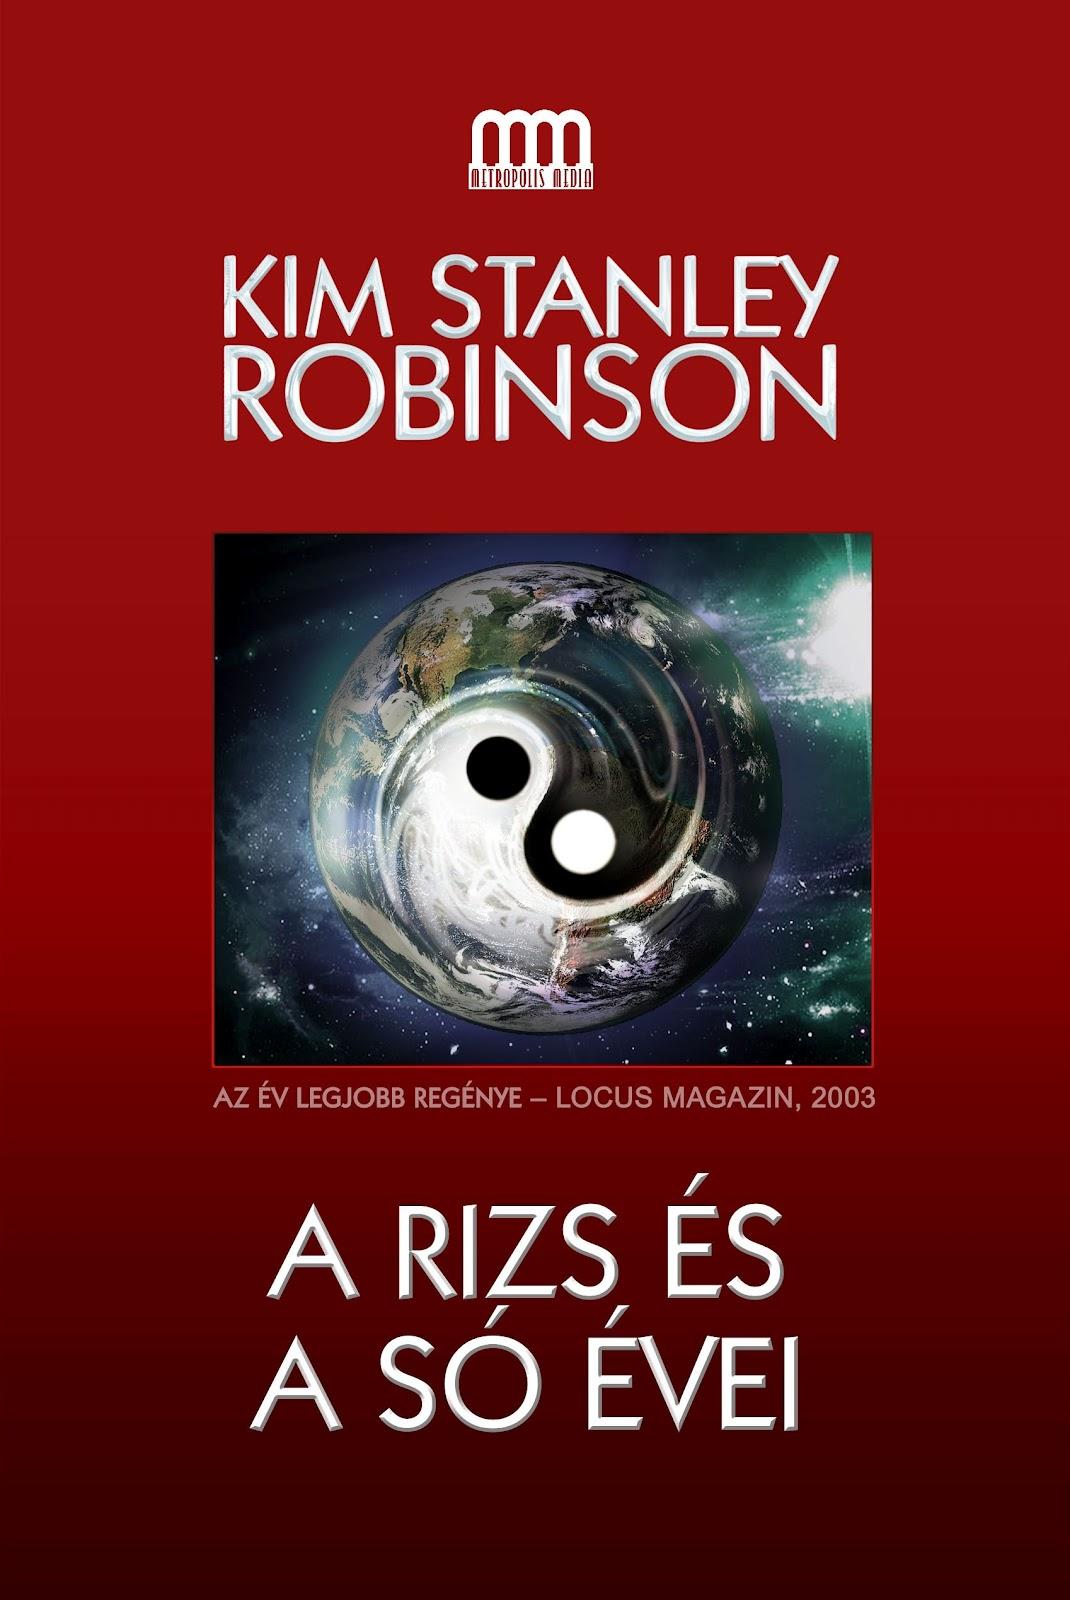 robinsonB1.jpg